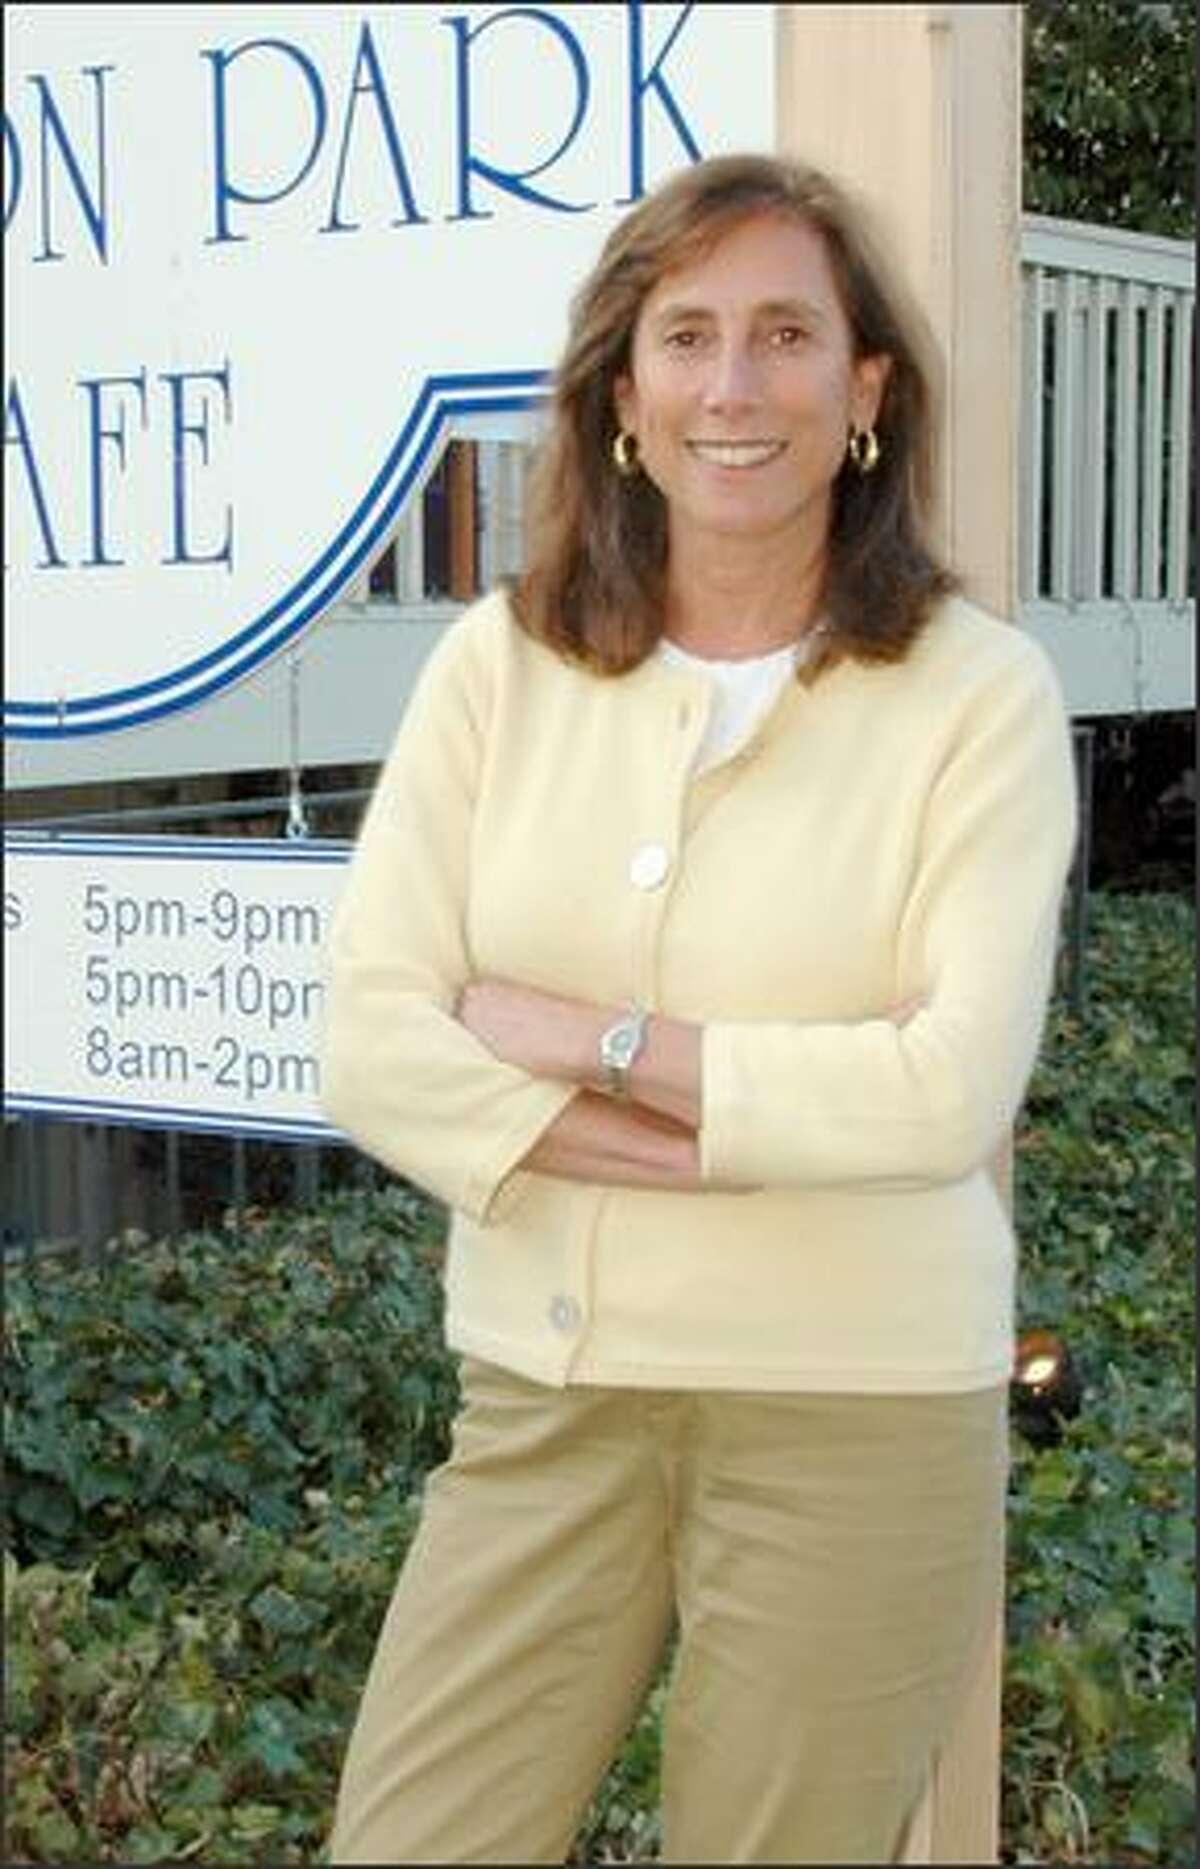 Karen Binder, owner of Madison Park Cafe.